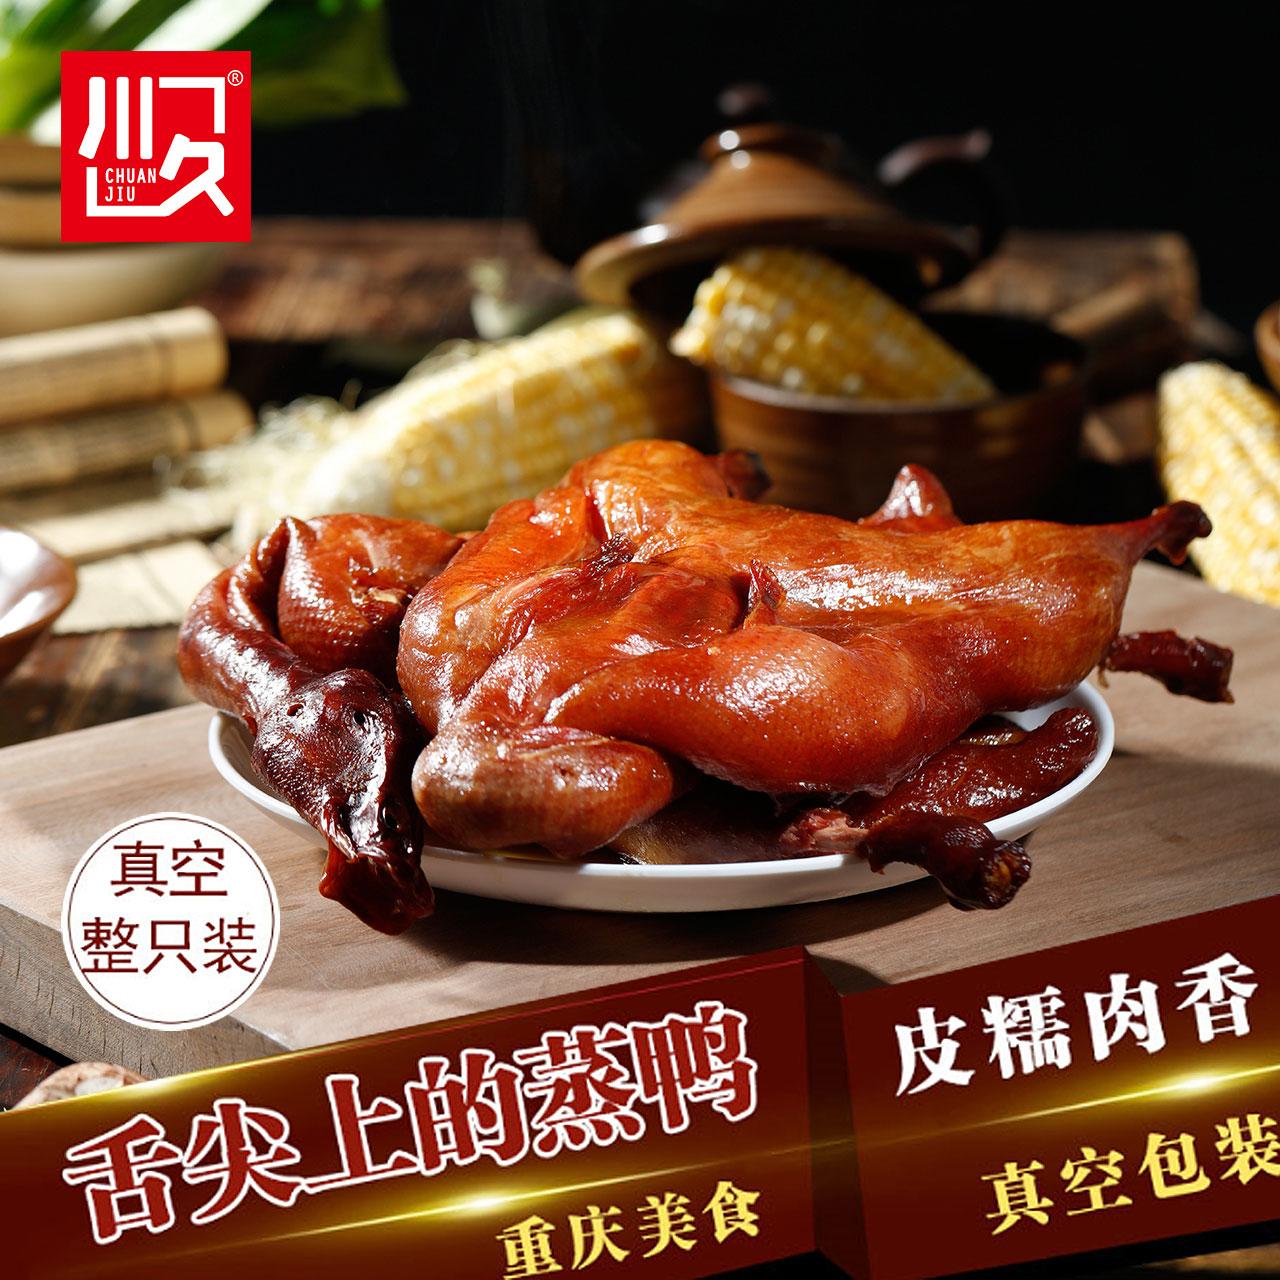 川久蒸鸭香辣酱板鸭整只脆皮手撕烤鸭零食开袋即食熟食重庆特产